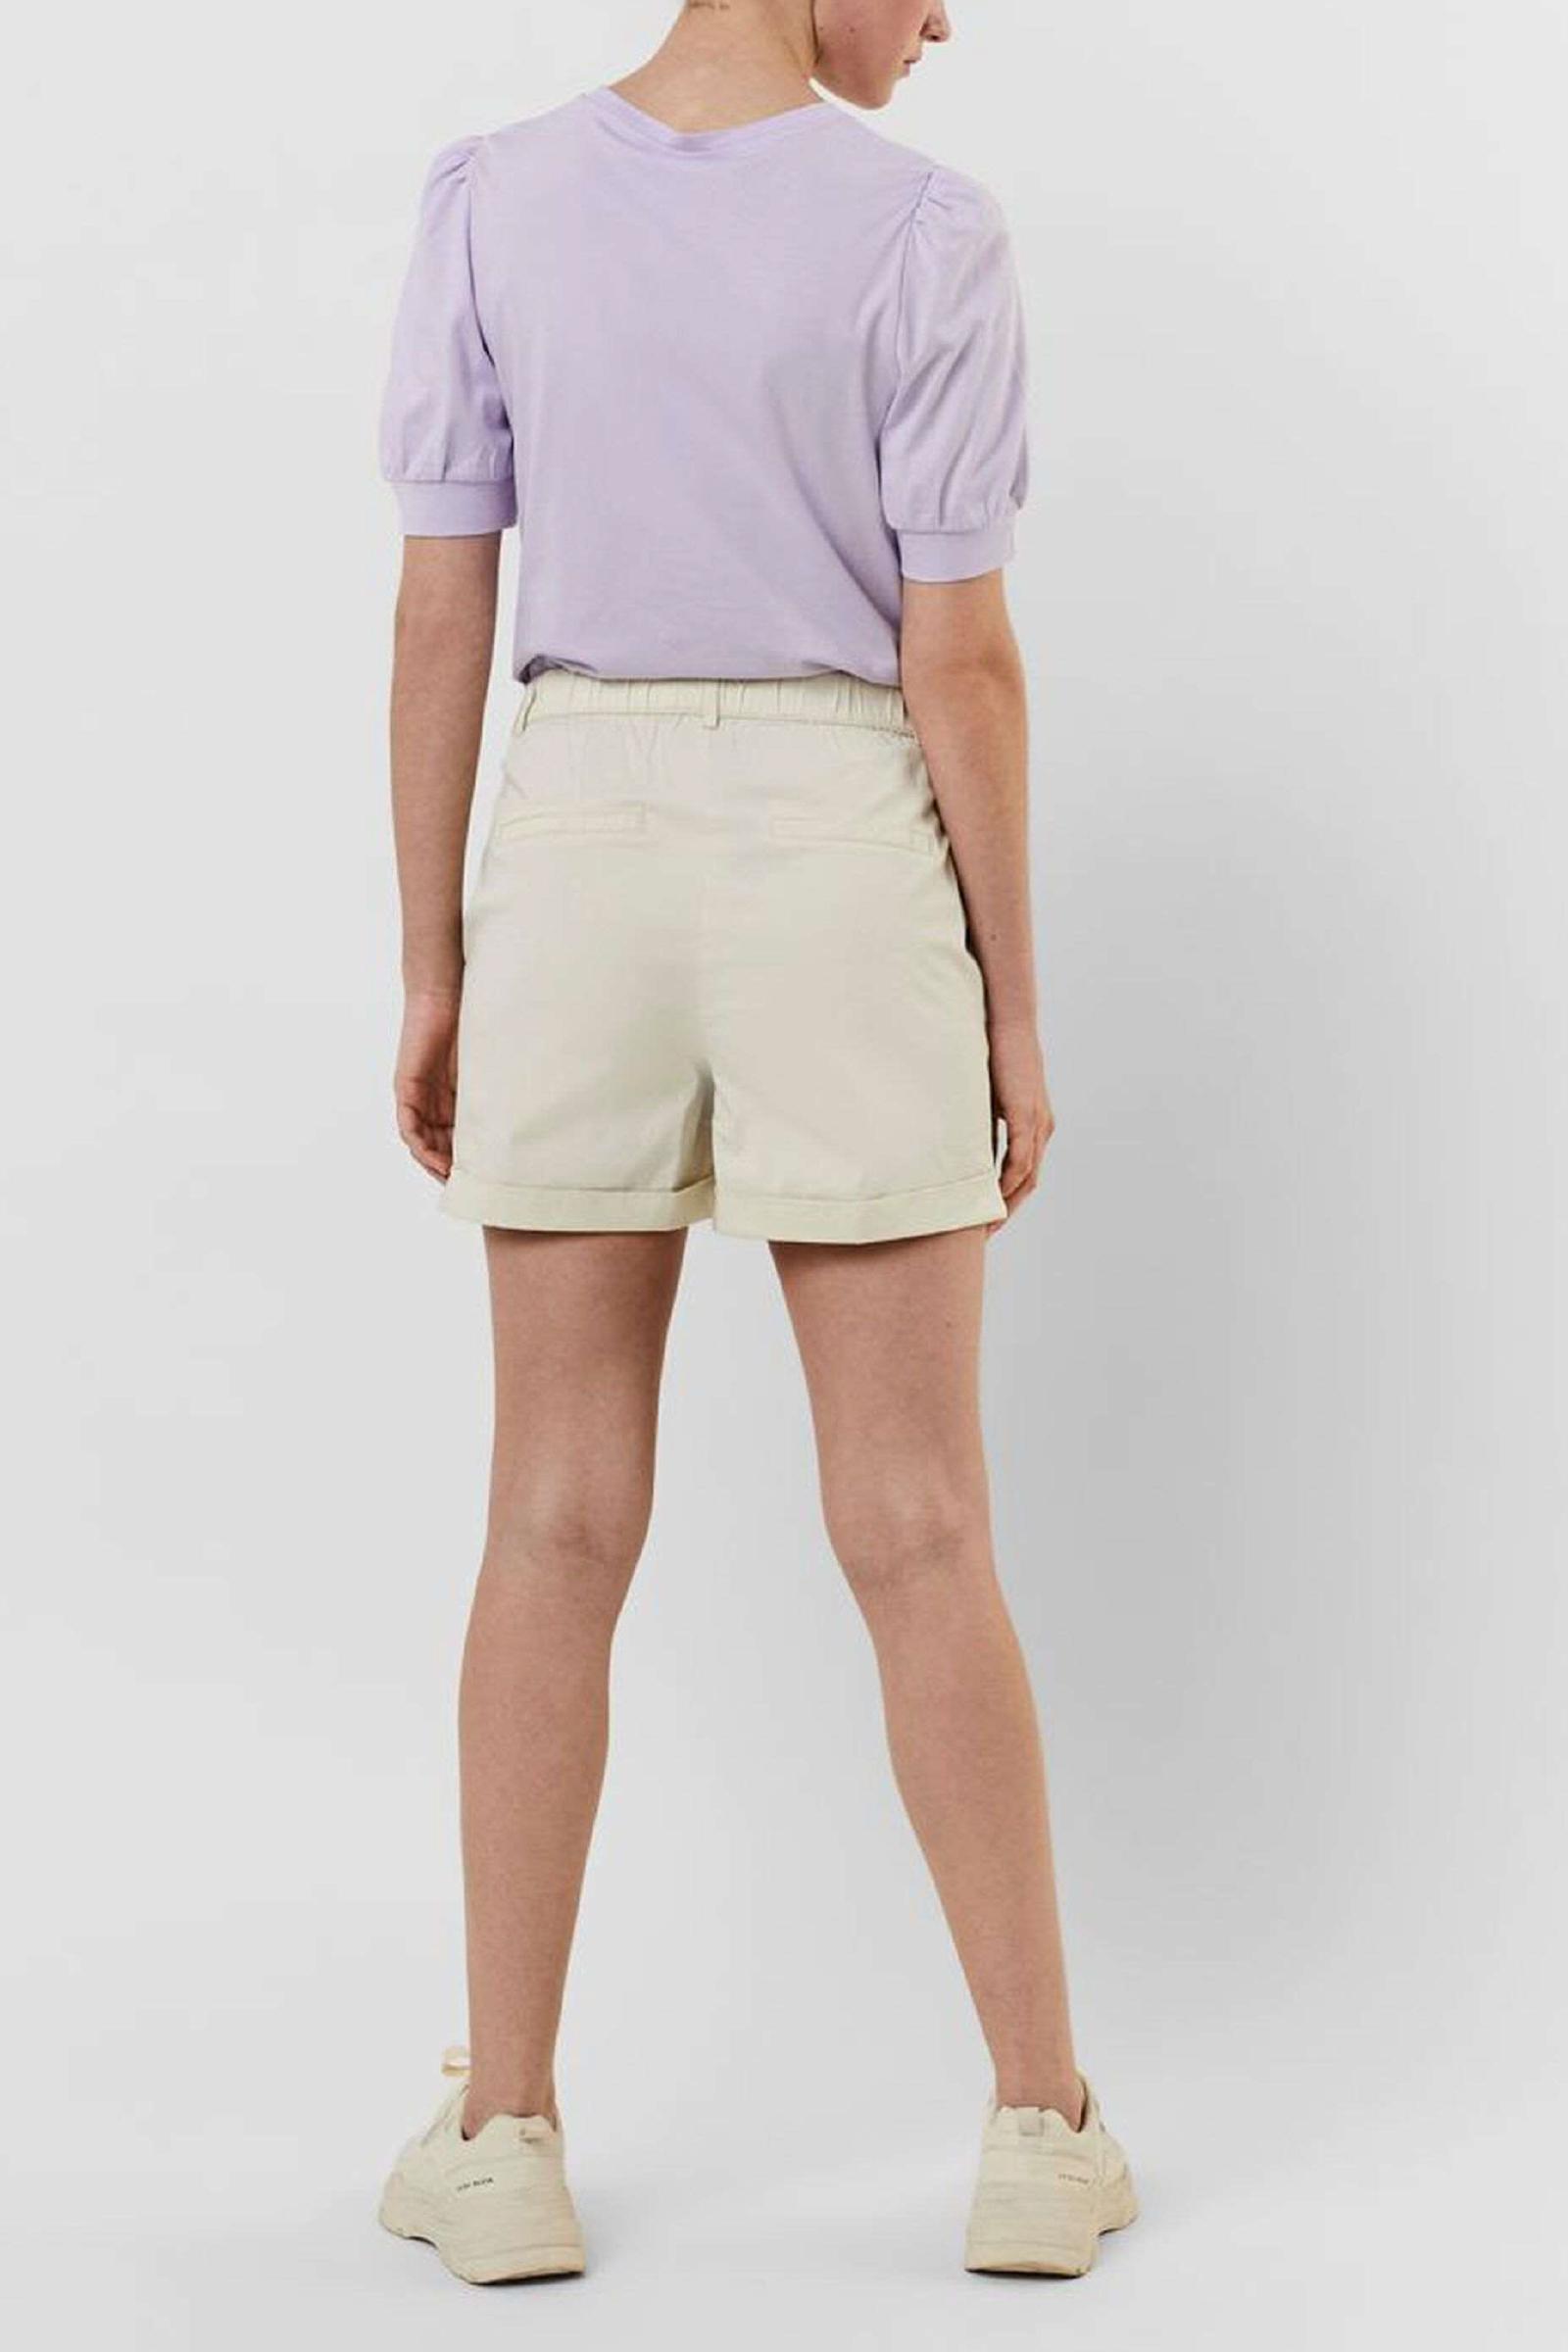 Shorts Donna VERO MODA |  | 10244692AOP-LIW